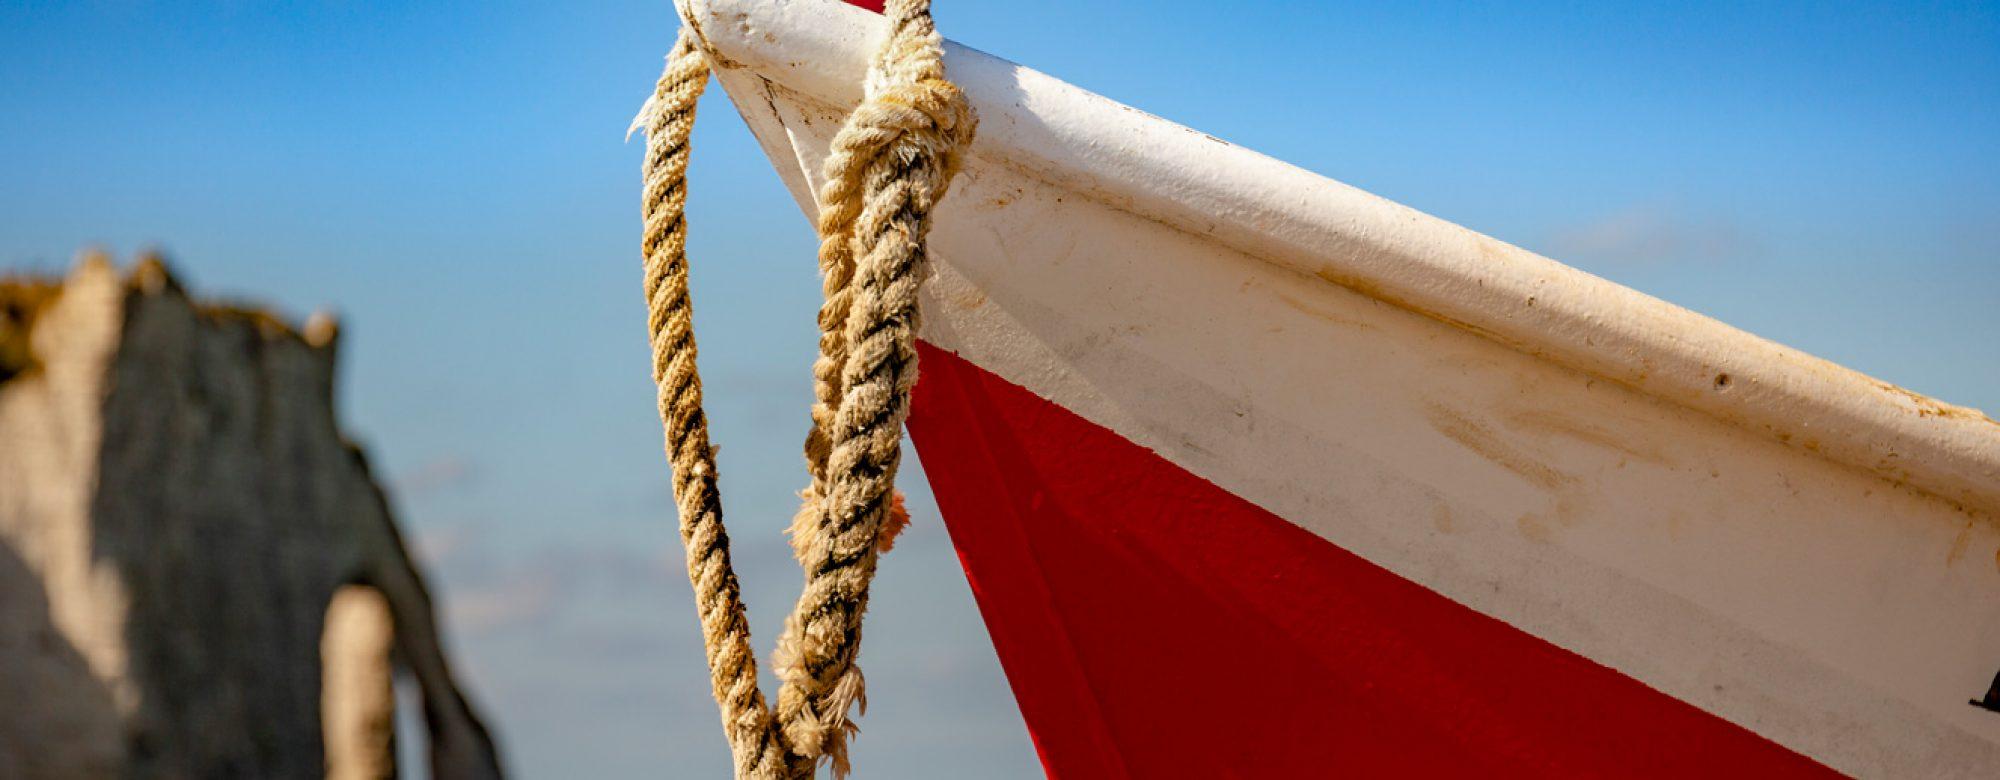 Bateau de pêche sur la plage d'Etretat